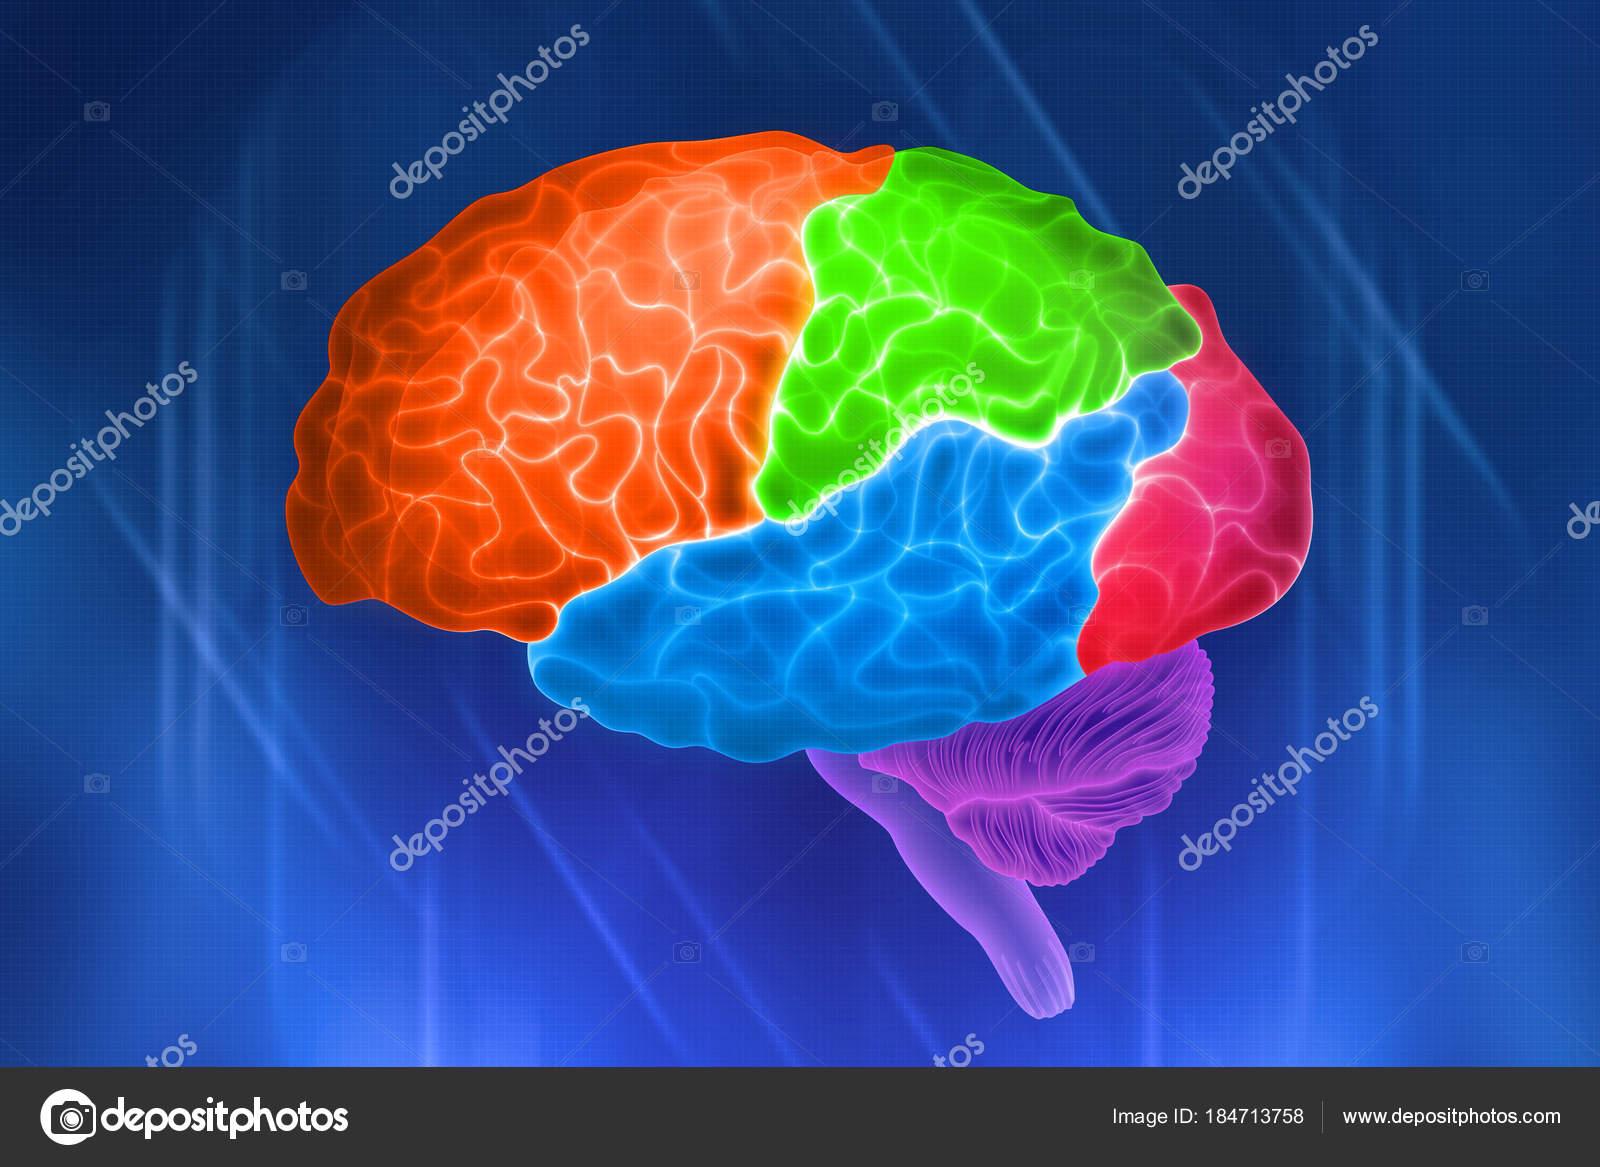 Partes Del Cerebro Humano Designación Color Las Acciones Ilustración ...